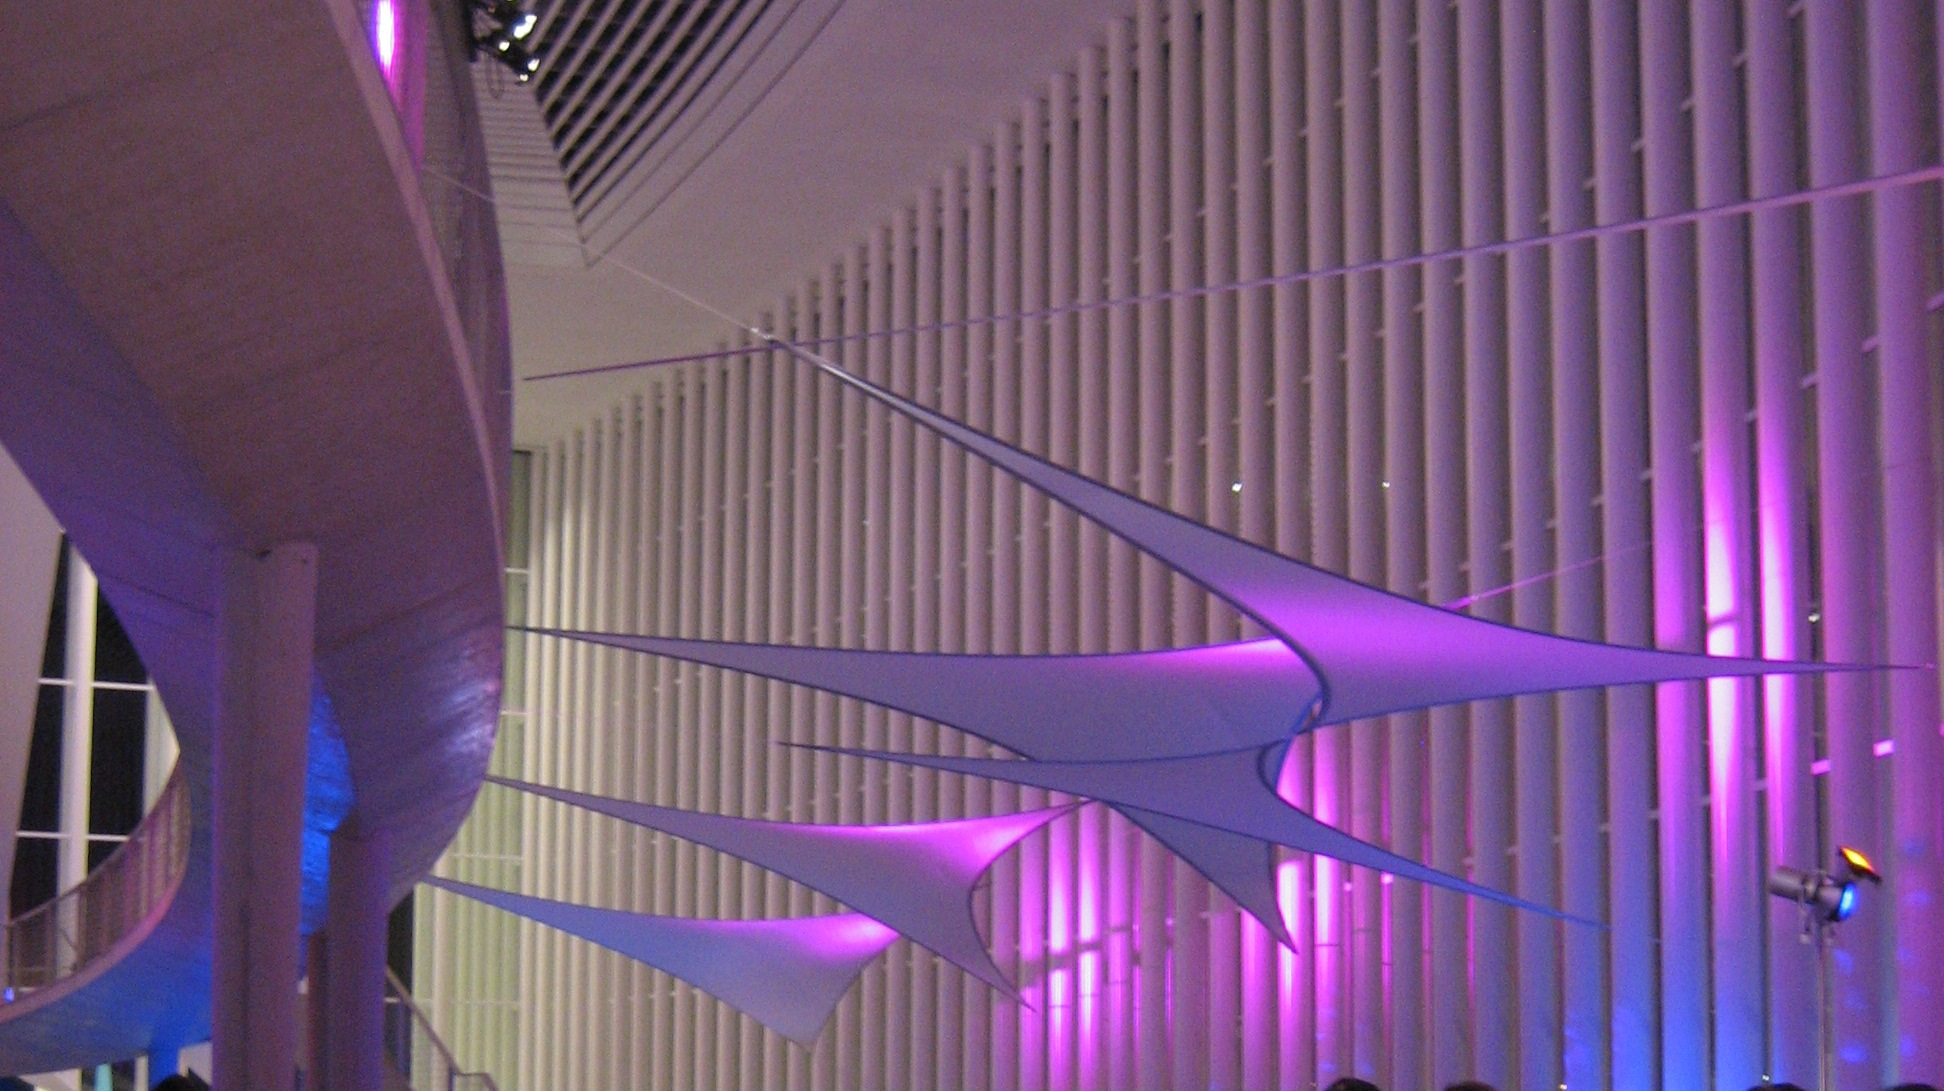 Projektionsfläche aus Stretchgewebe Polyamid, Elastan - 3Punkt-Stretchsegel SEOUL - Indoor